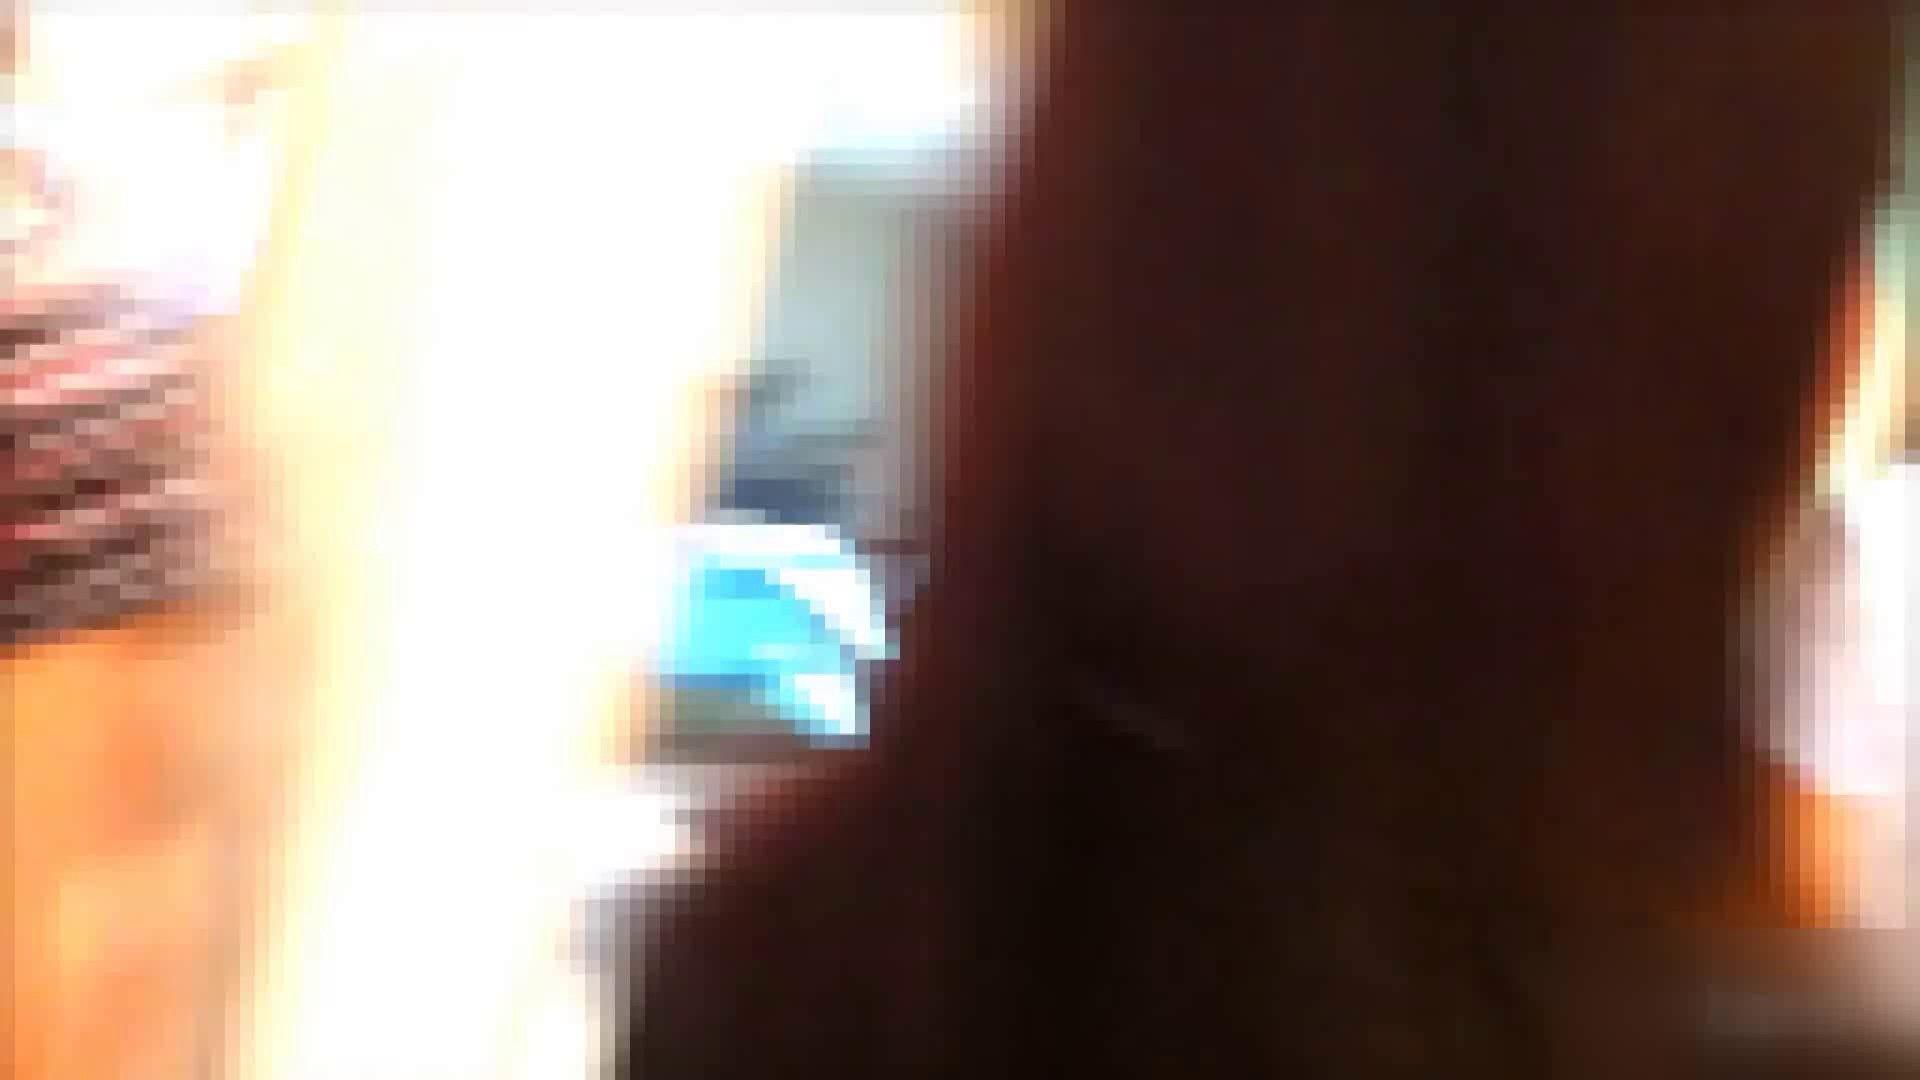 ガールズパンチラストリートビューVol.004 小悪魔ギャル   美女OL  29連発 21